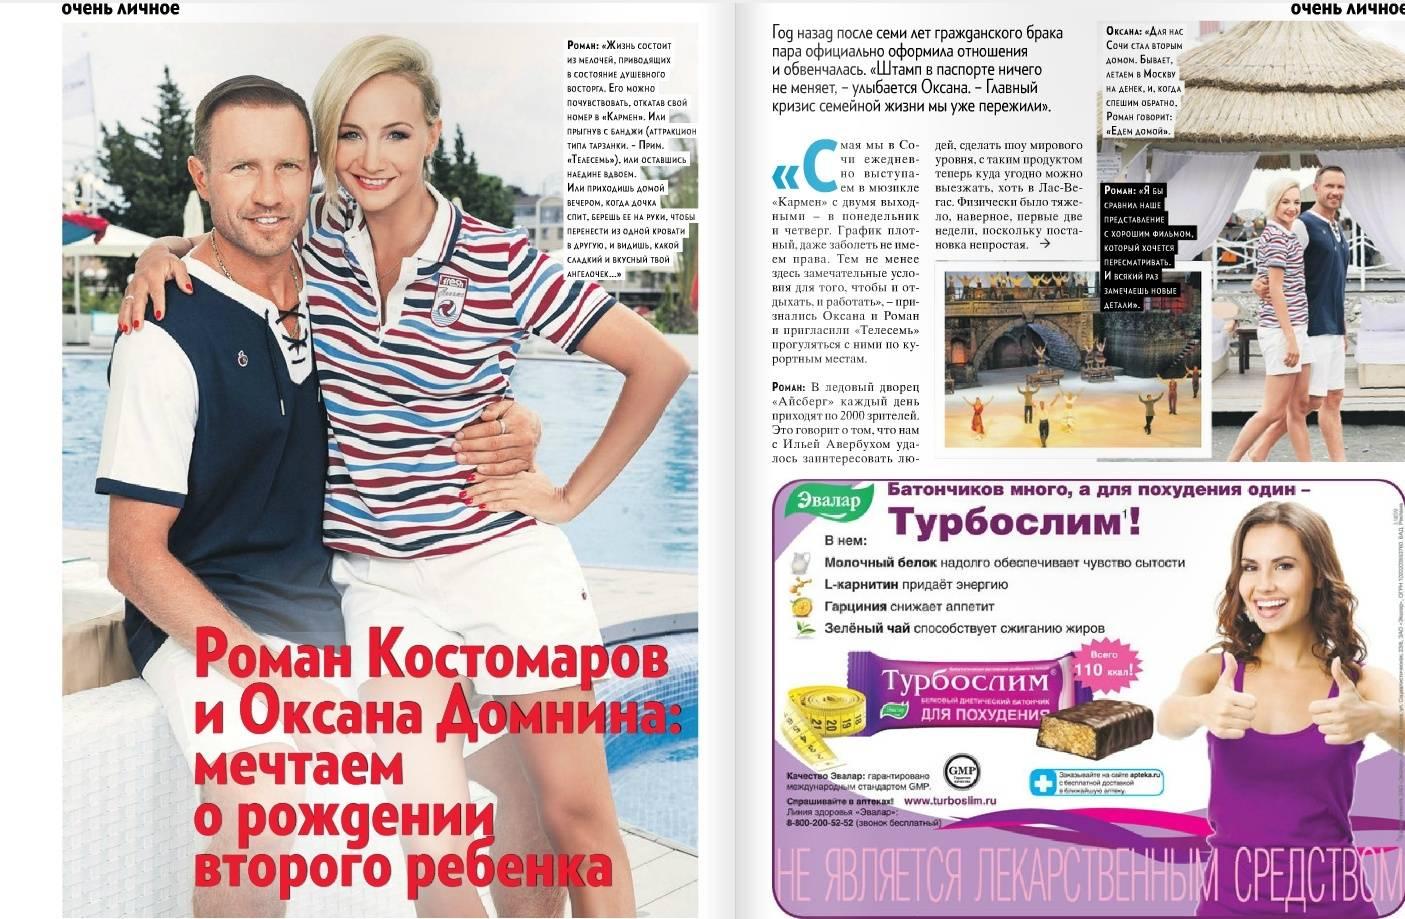 Оксана Домнина и Максим Шабалин/Роман Костомаров 2015-018